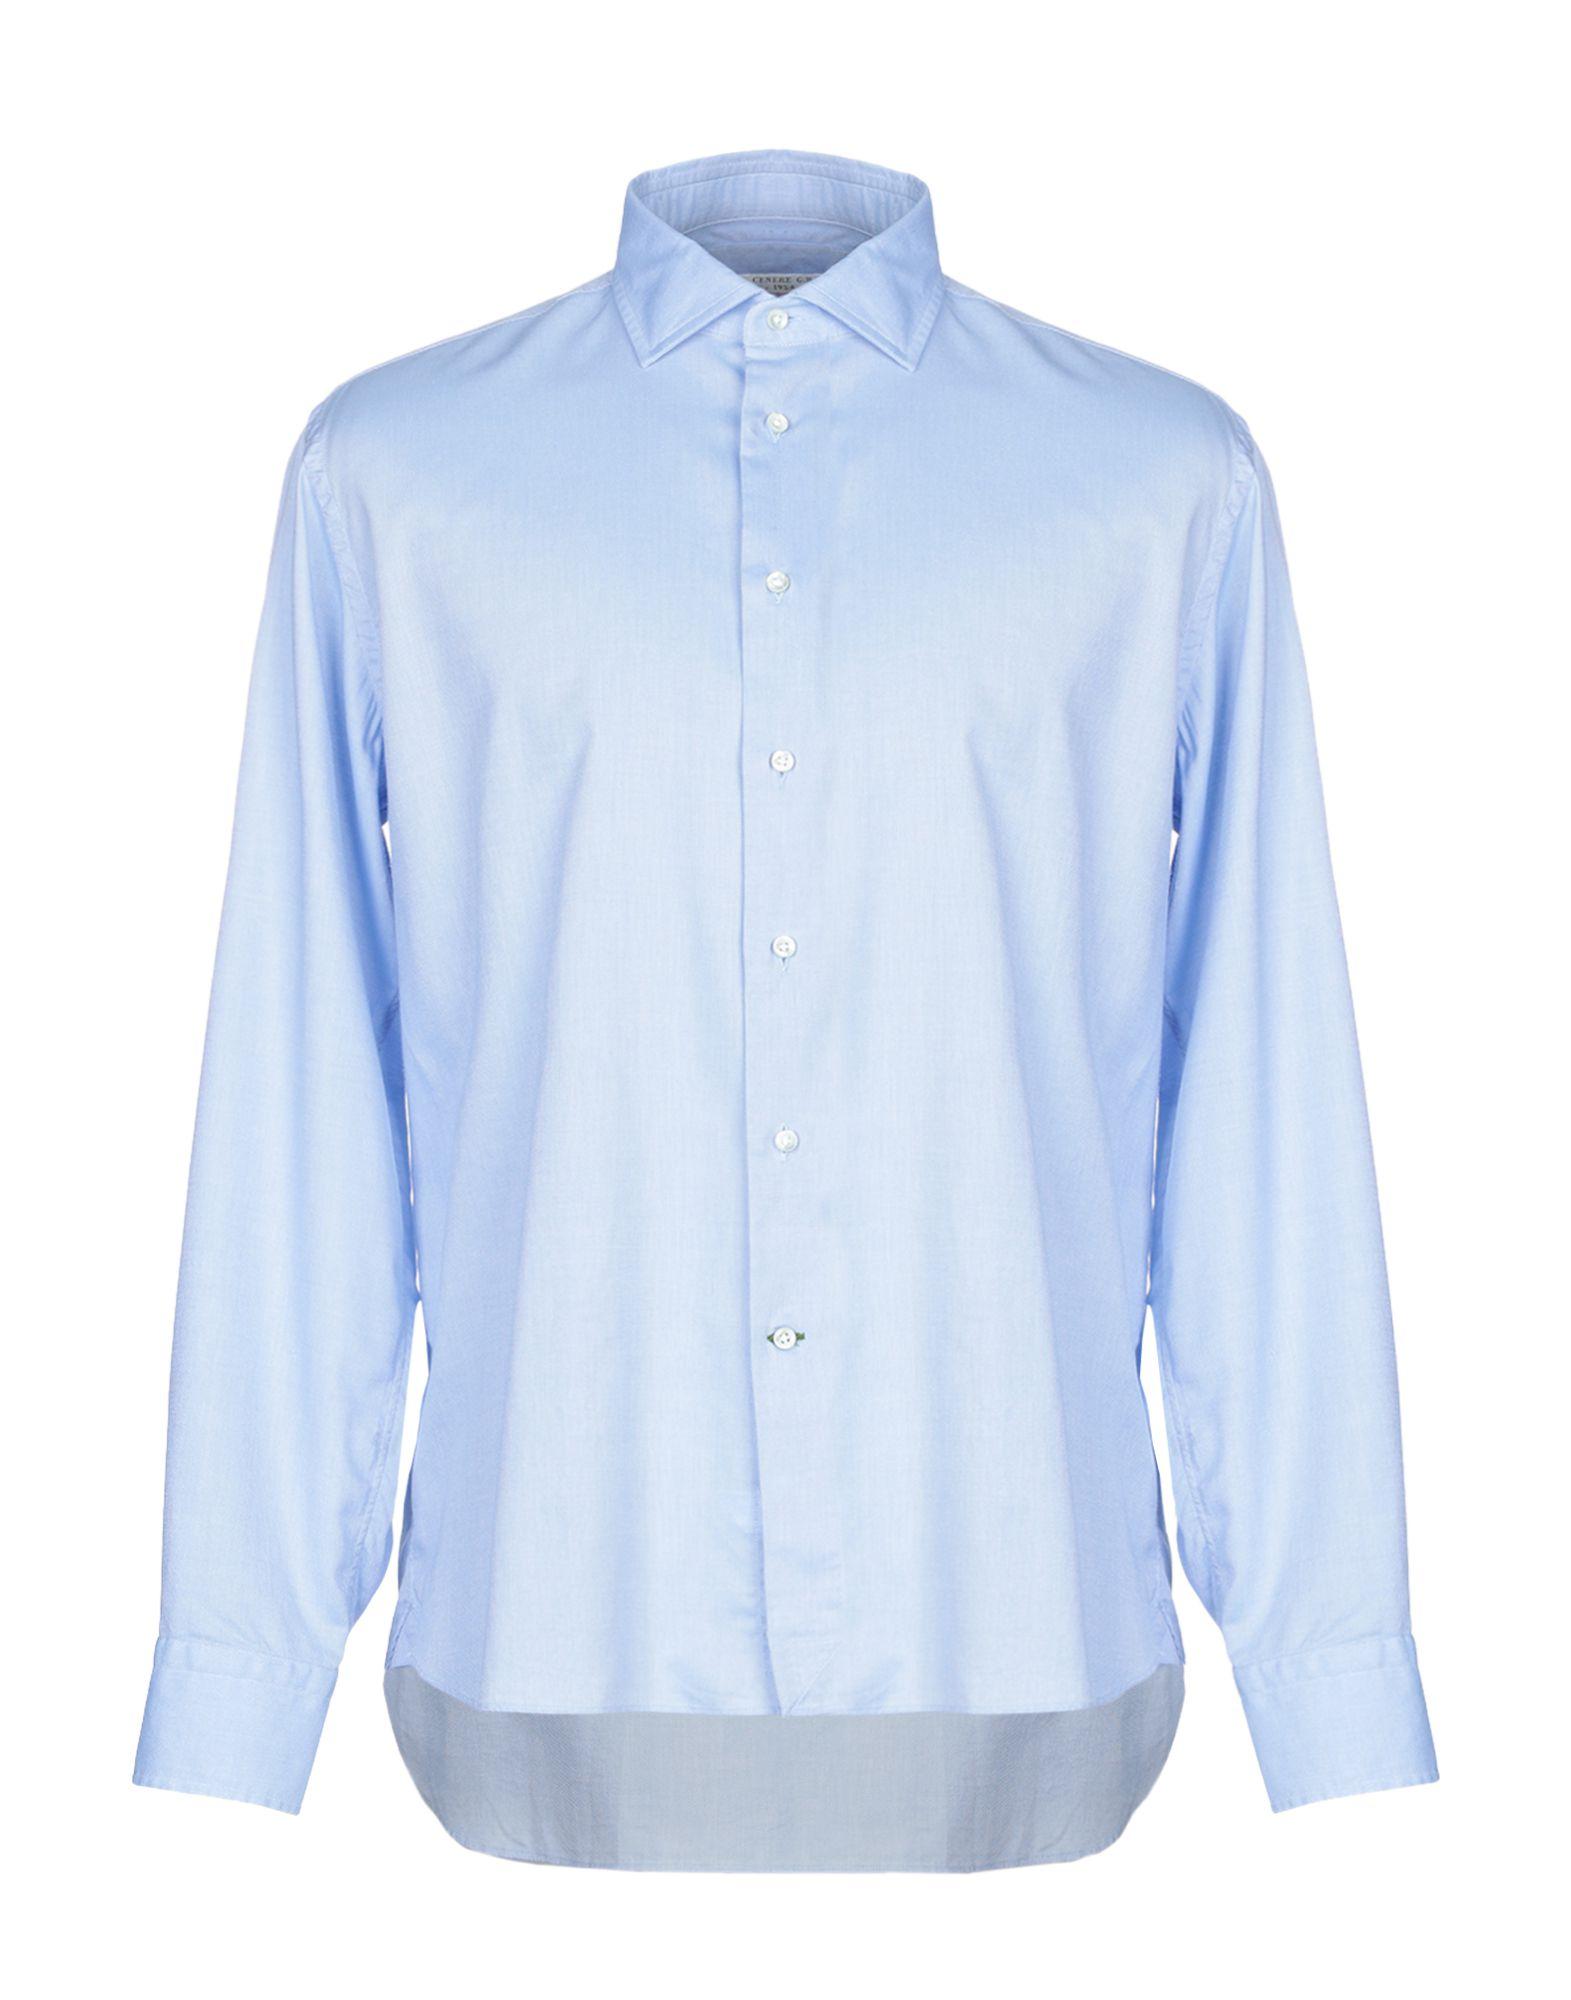 《期間限定セール中》G.B. CENERE メンズ シャツ アジュールブルー 43 コットン 100%